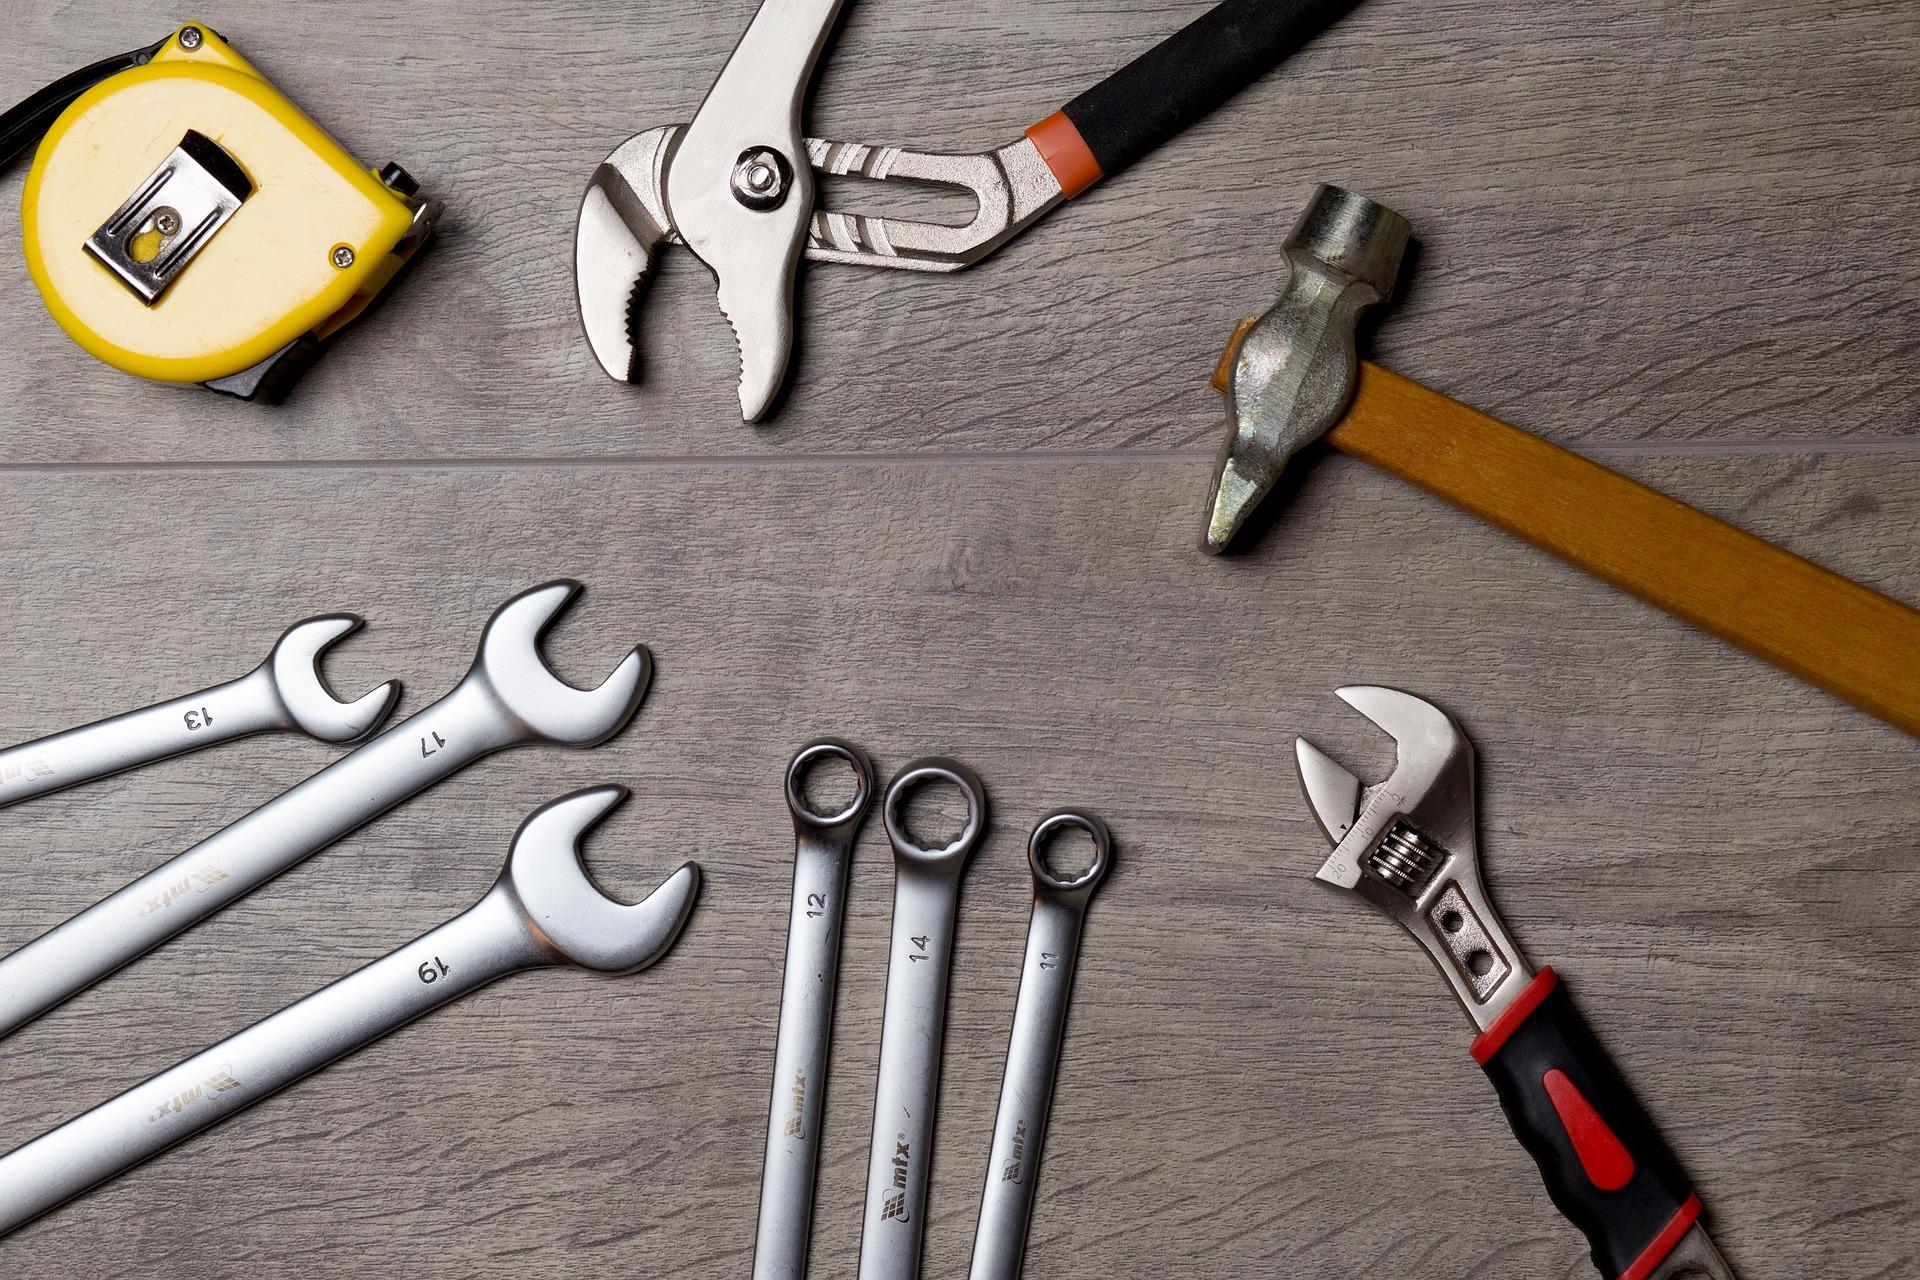 Werkzeuge im Kreis hingelegt